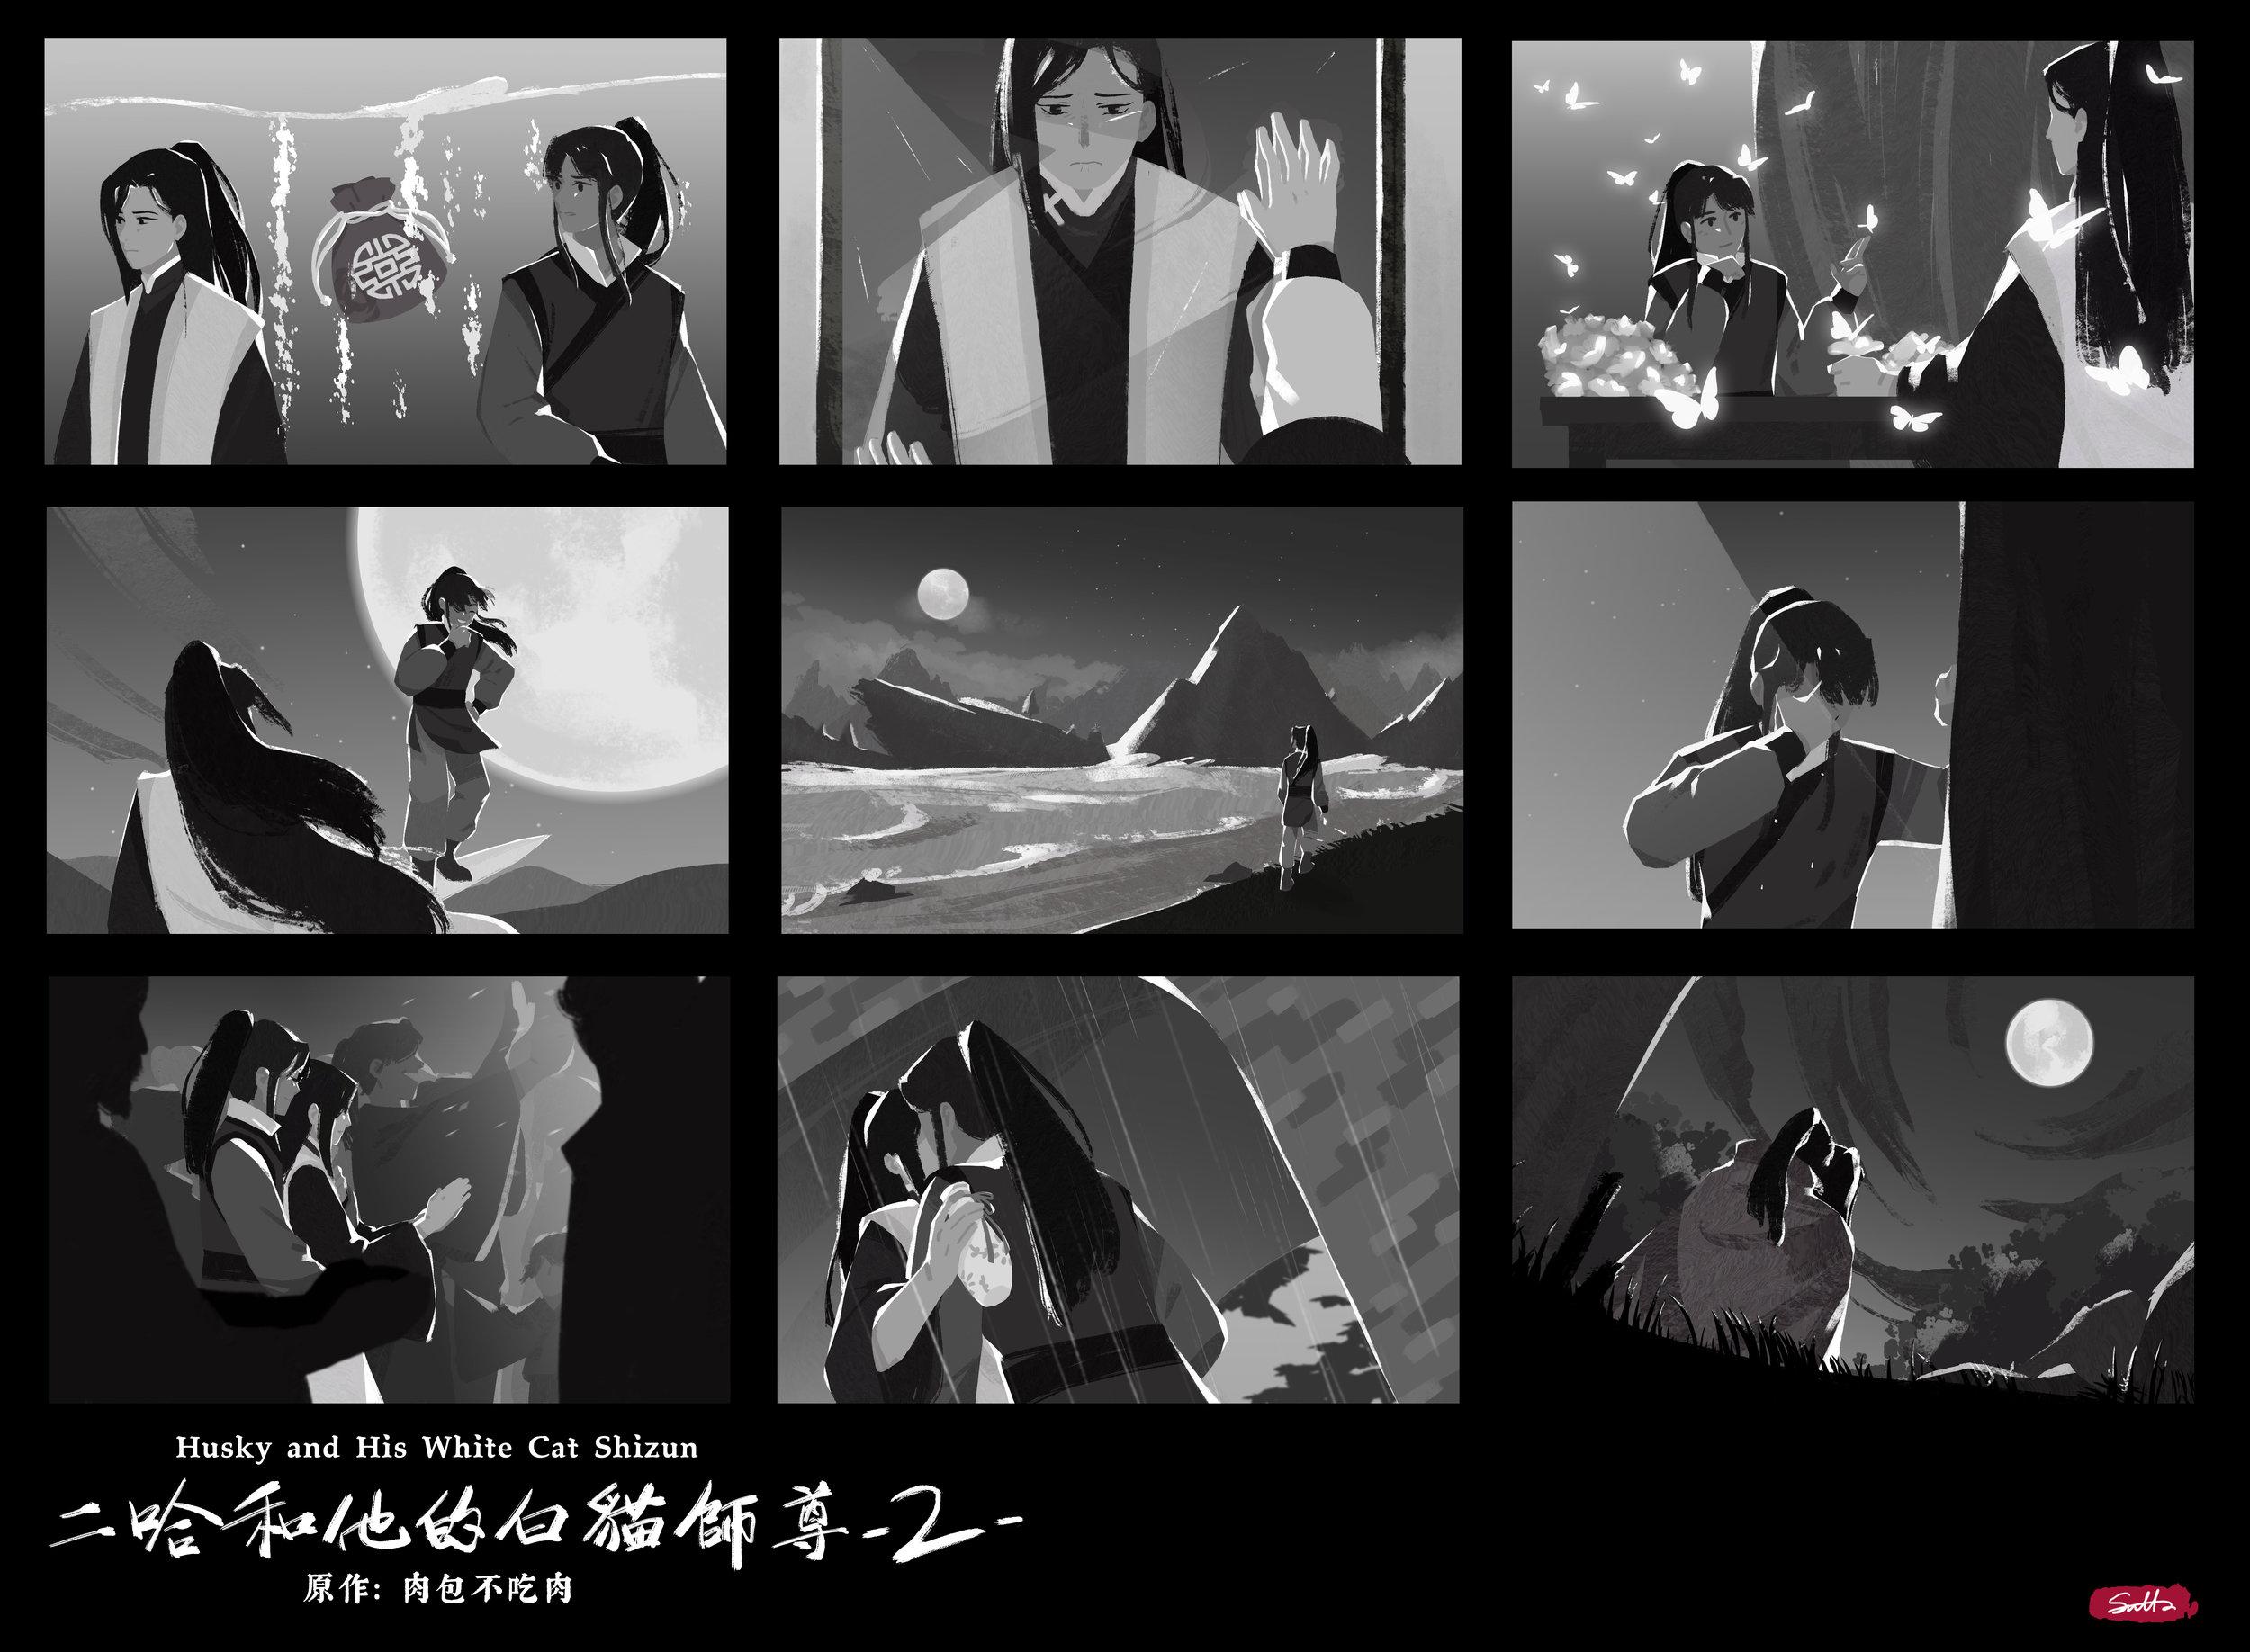 2Ha storyboard2NoWord.jpg